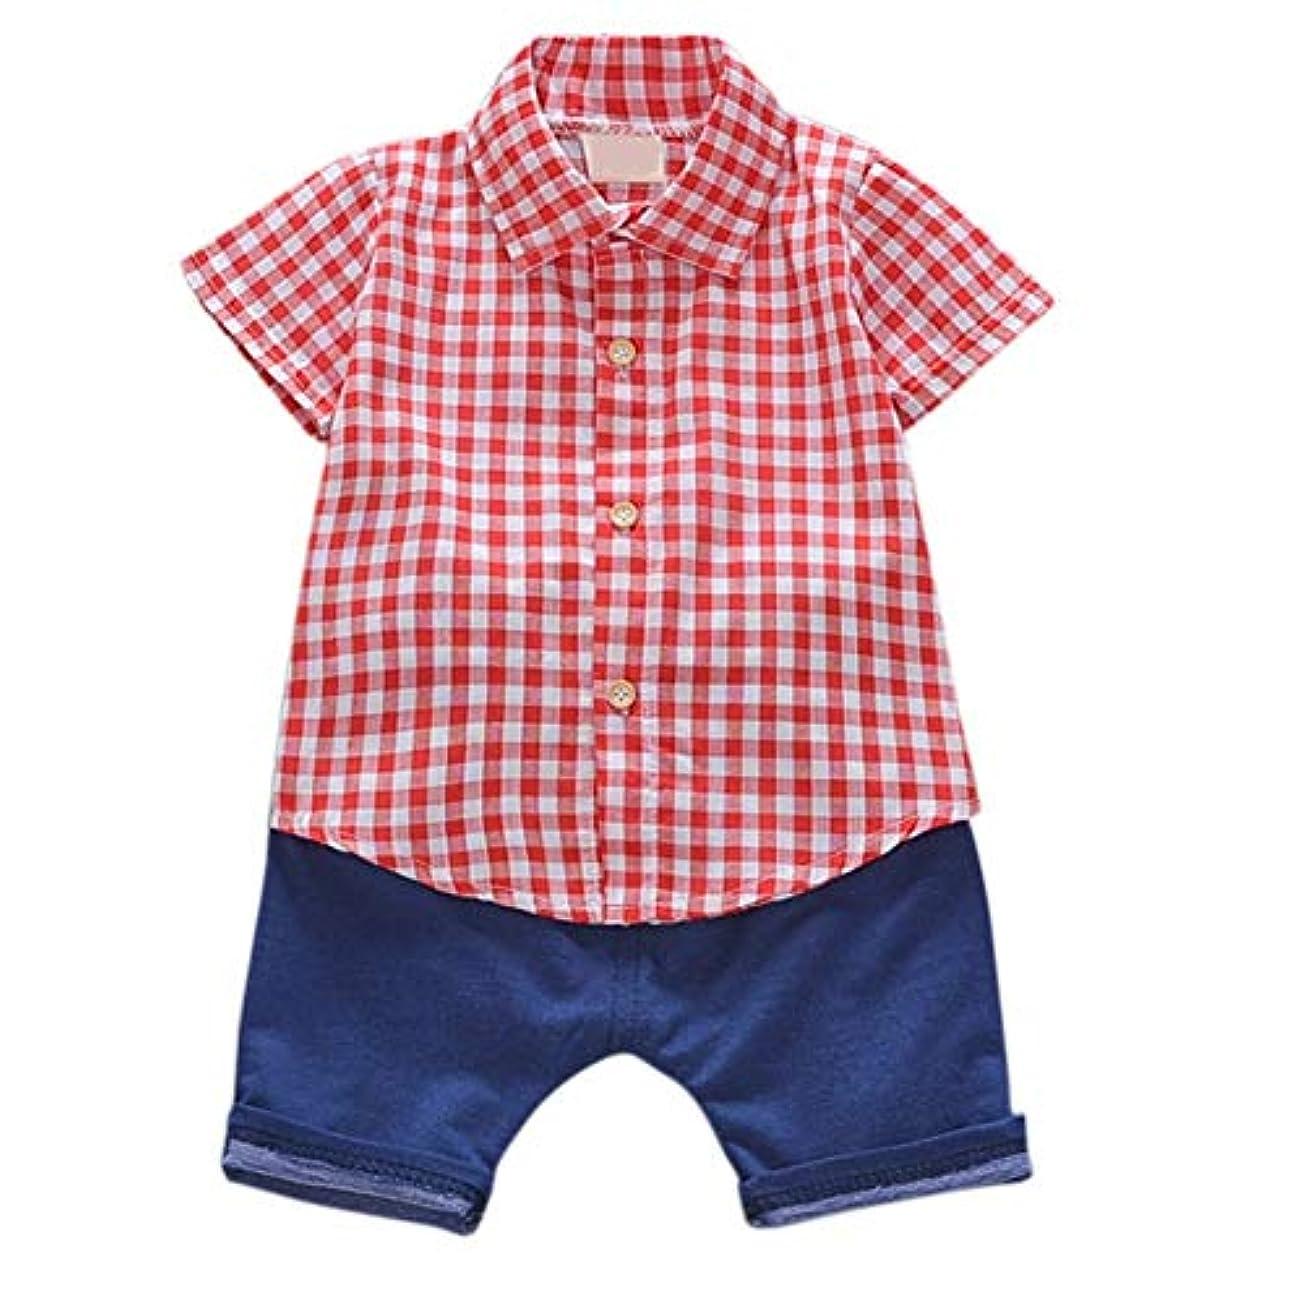 高原例退化するRad子供 サマーキッズベビーボーイズカジュアル半袖チェック柄プリントTシャツトップス+デニムショーツコスチュームセット